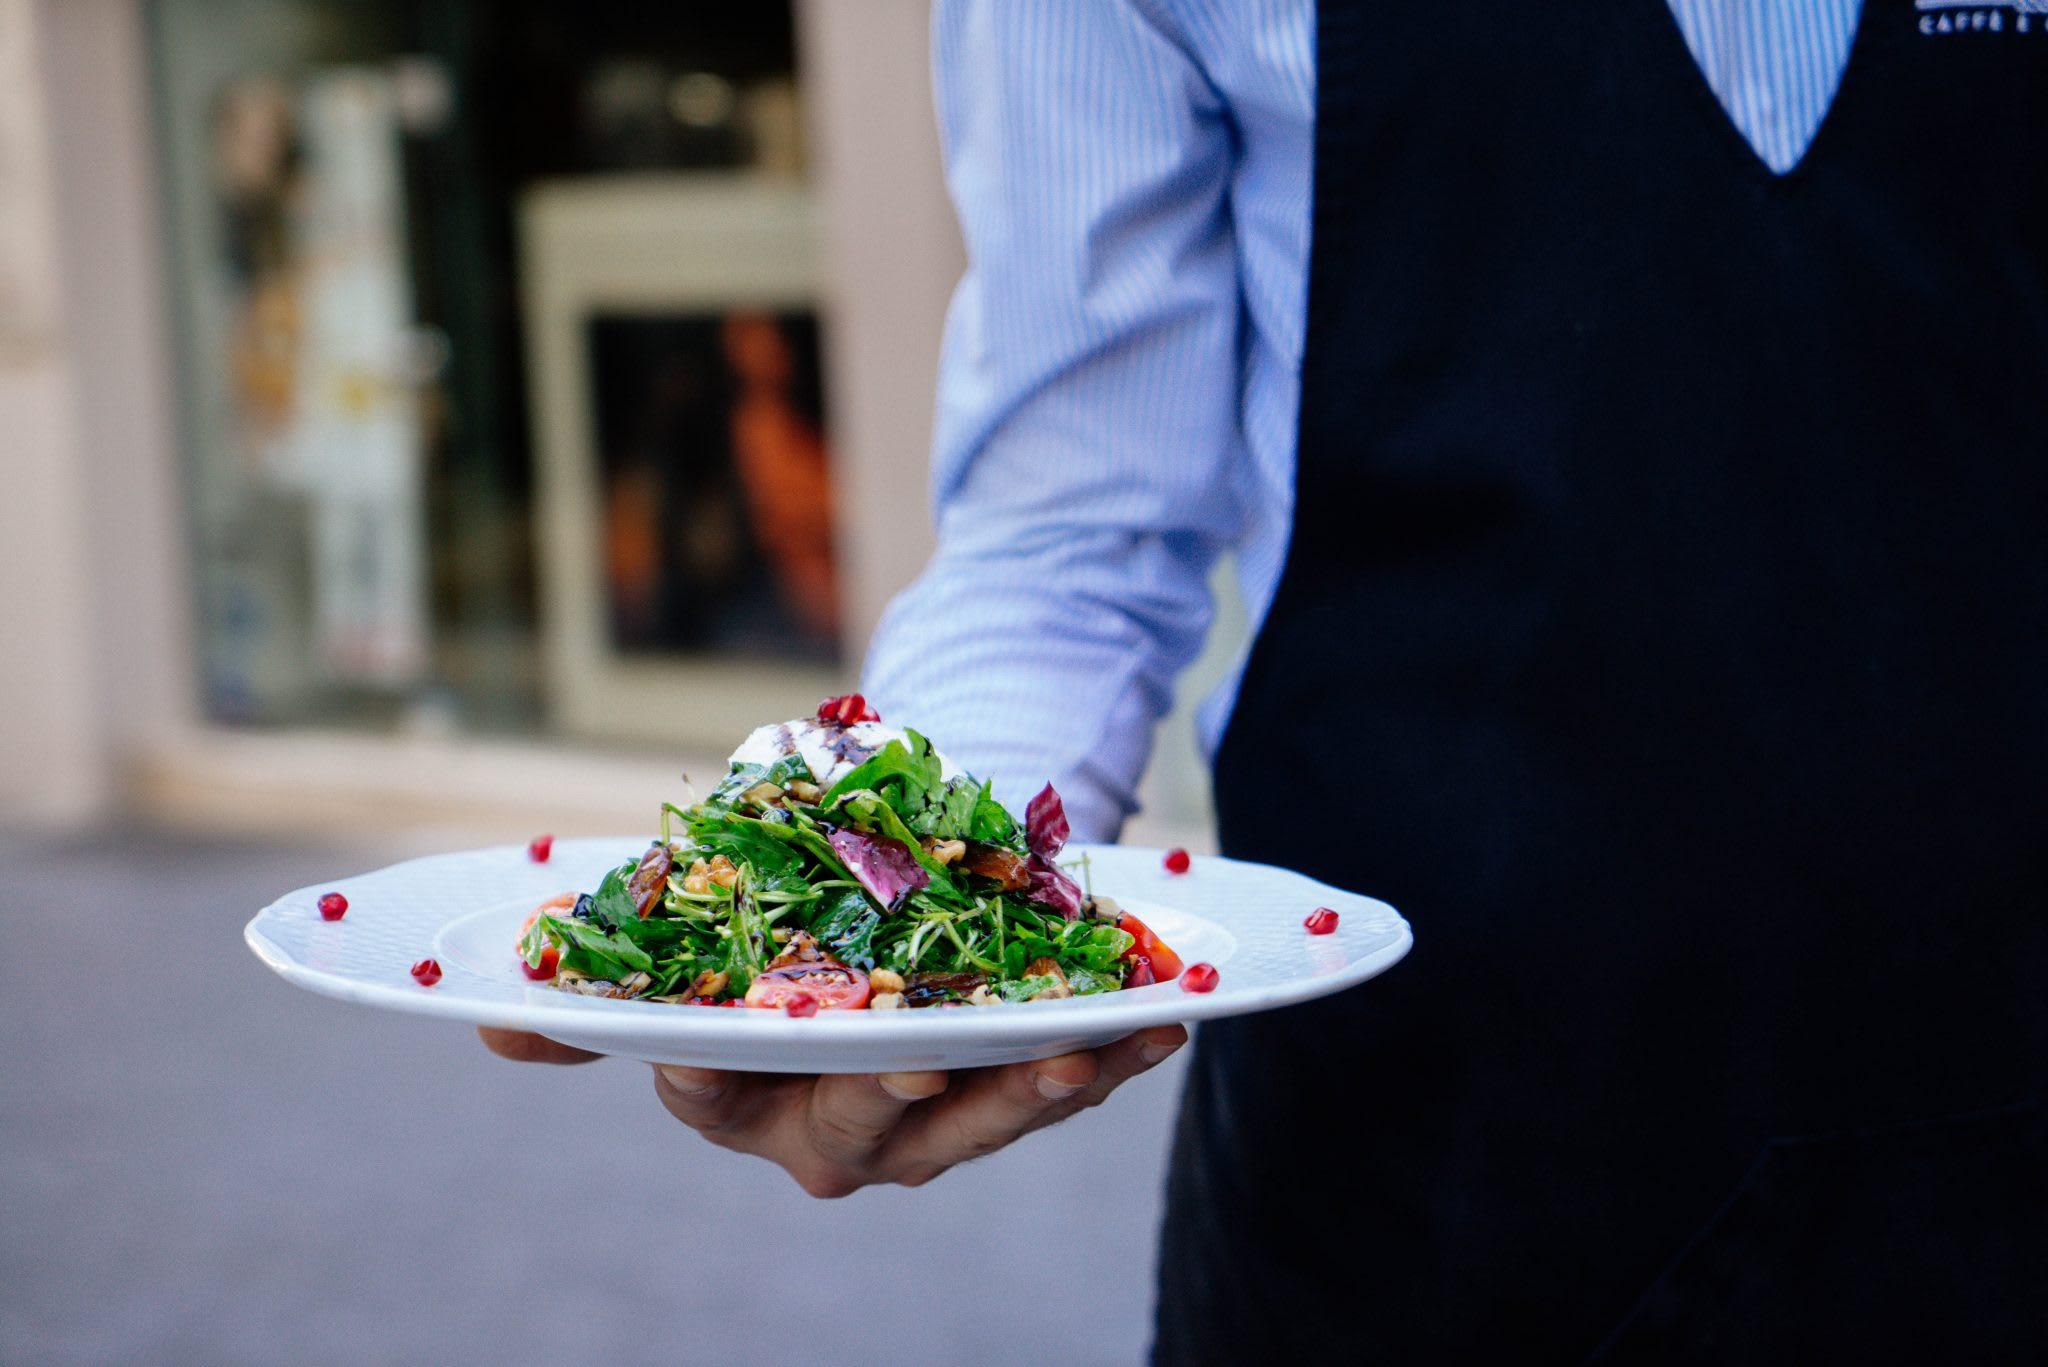 waiter, salad, food, seasonal restaurants, staff